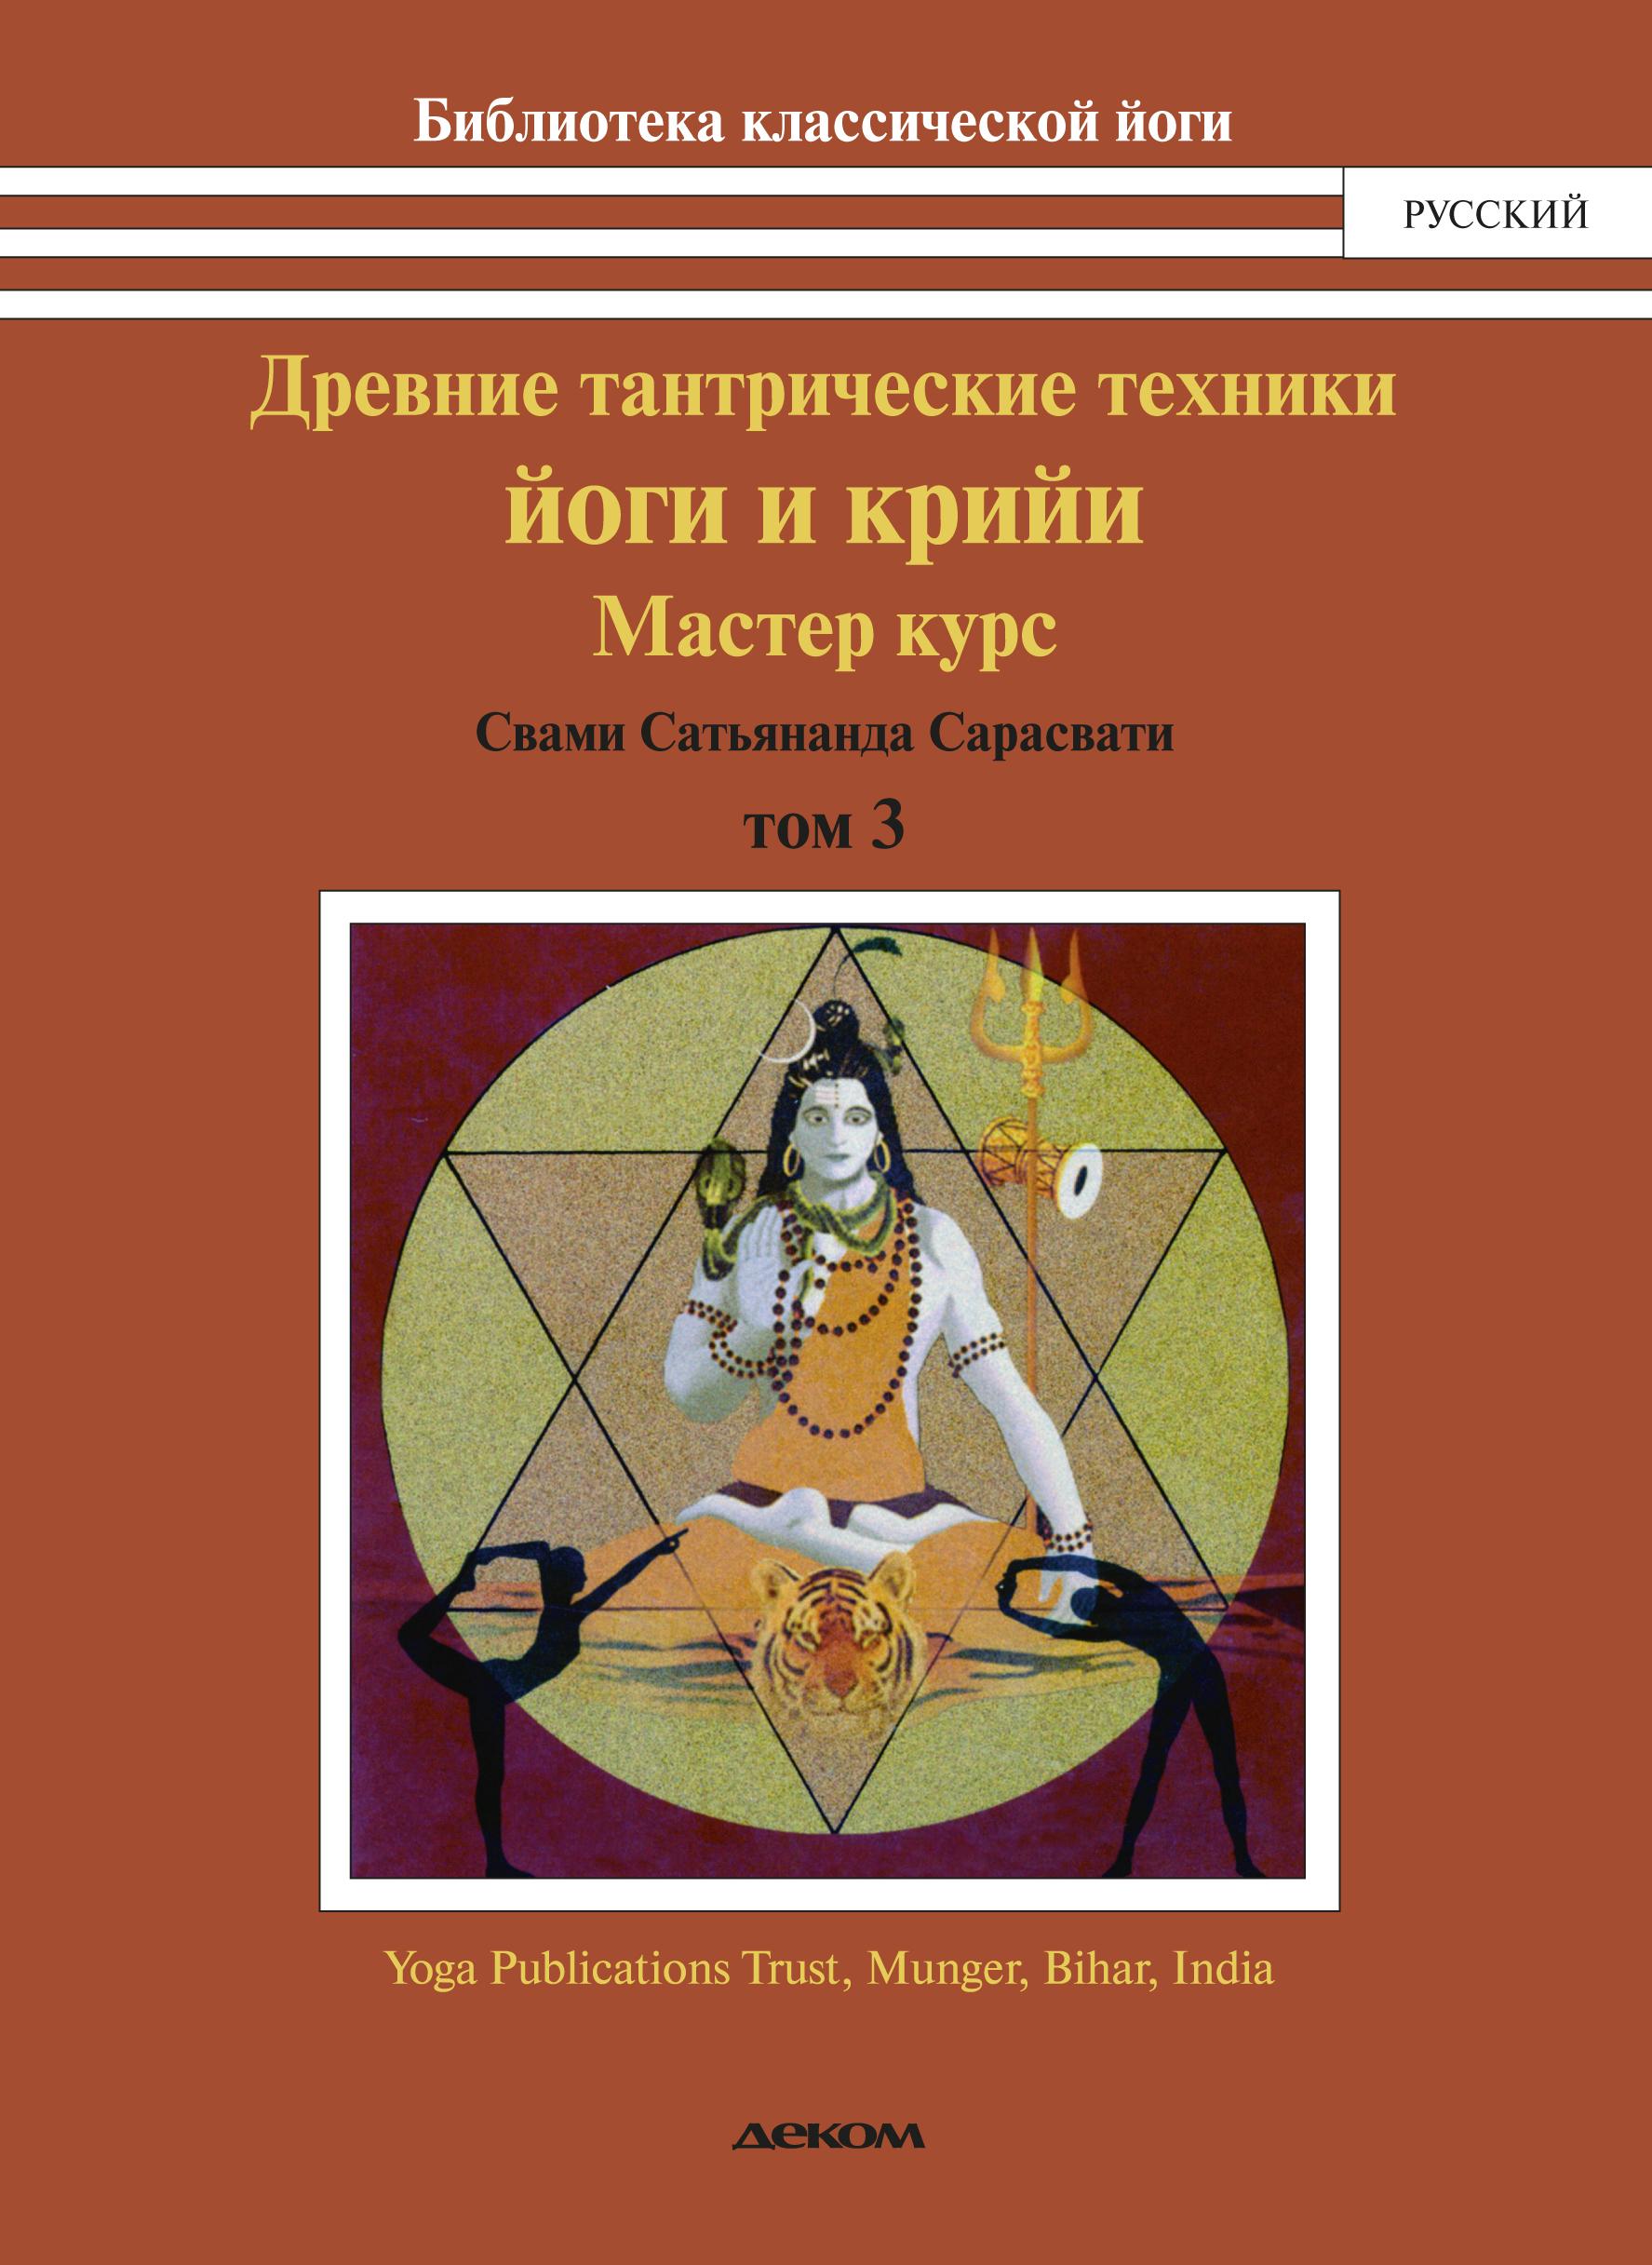 Древние тантрические техники ЙОГИ и КРИЙИ. Том 3. Мастер курс. К10820